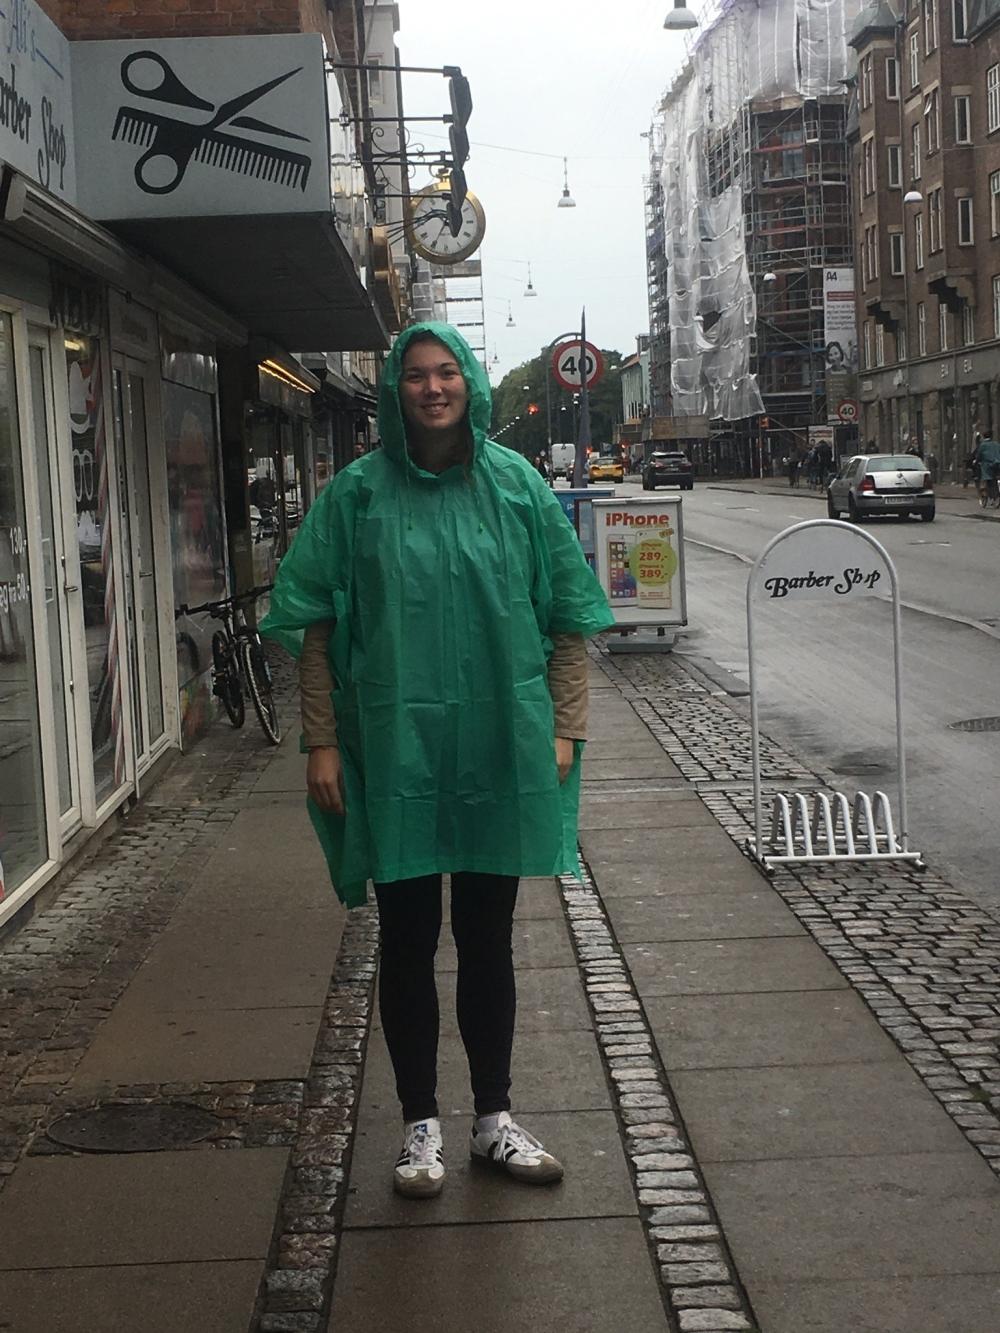 Kauf eines Regencapes wird empfohlen